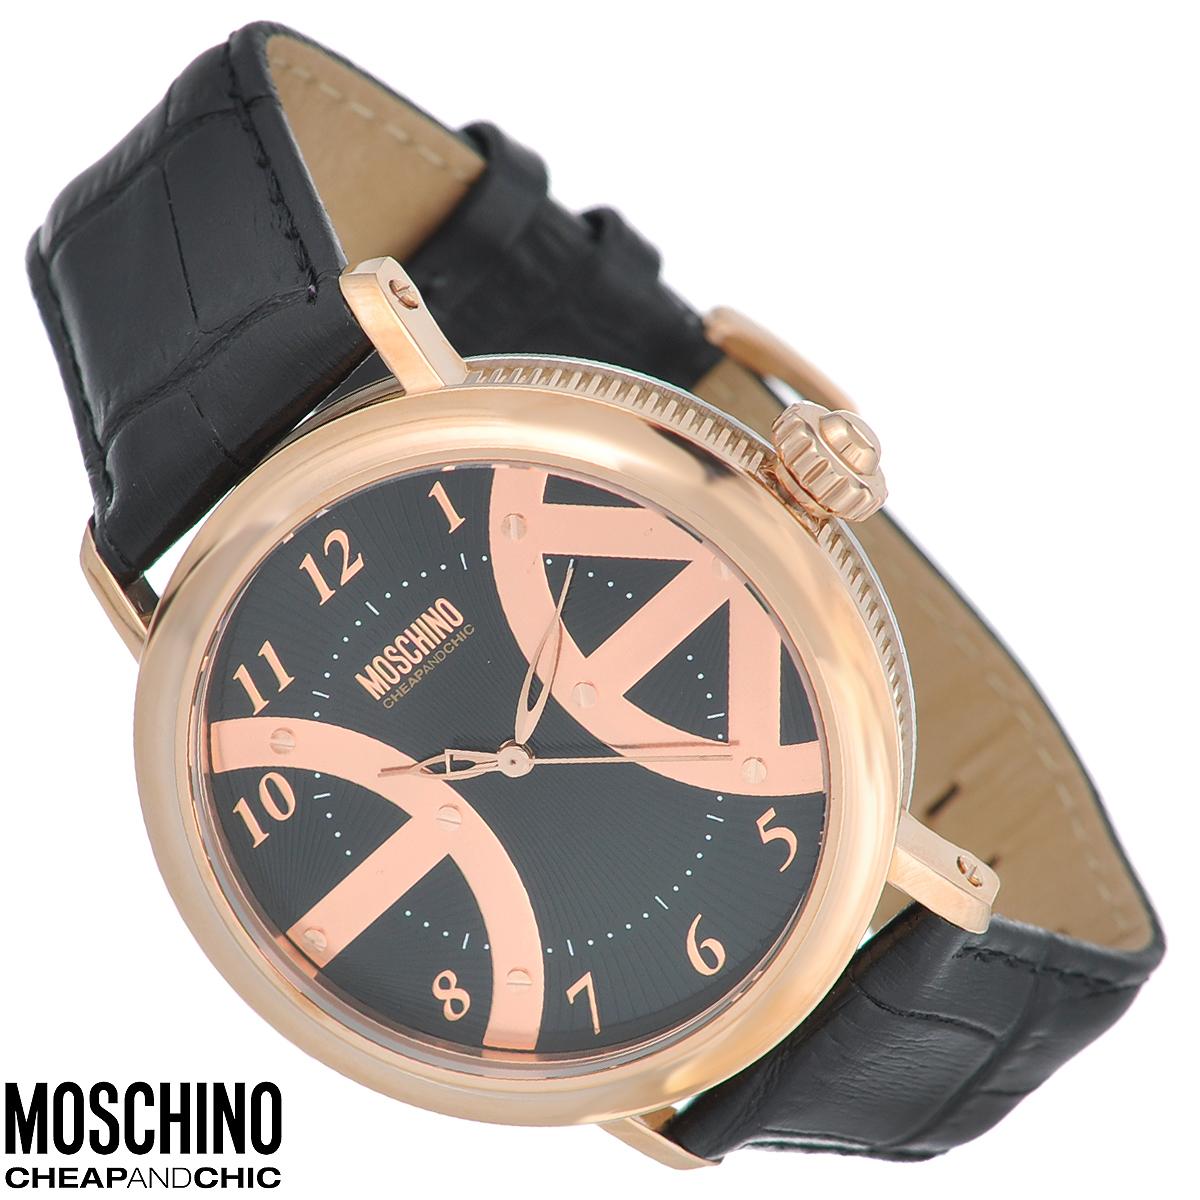 Часы наручные Moschino, цвет: черный, золотой. MW0240MW0240Наручные часы от известного итальянского бренда Moschino - это не только стильный и функциональный аксессуар, но и современные технологи, сочетающиеся с экстравагантным дизайном и индивидуальностью. Часы Moschino оснащены кварцевым механизмом. Корпус выполнен из высококачественной нержавеющей стали с PVD-покрытием. Циферблат с арабскими цифрами оформлен металлическими декоративными элементами и защищен минеральным стеклом. Часы имеют три стрелки - часовую, минутную и секундную. Ремешок часов выполнен из натуральной кожи с тиснением и оснащен классической застежкой. Часы упакованы в фирменную металлическую коробку с логотипом бренда. Часы Moschino благодаря своему уникальному дизайну отличаются от часов других марок своеобразными циферблатами, функциональностью, а также набором уникальных технических свойств. Каждой модели присуща легкая экстравагантность, самобытность и, безусловно, великолепный вкус. Характеристики: Диаметр...